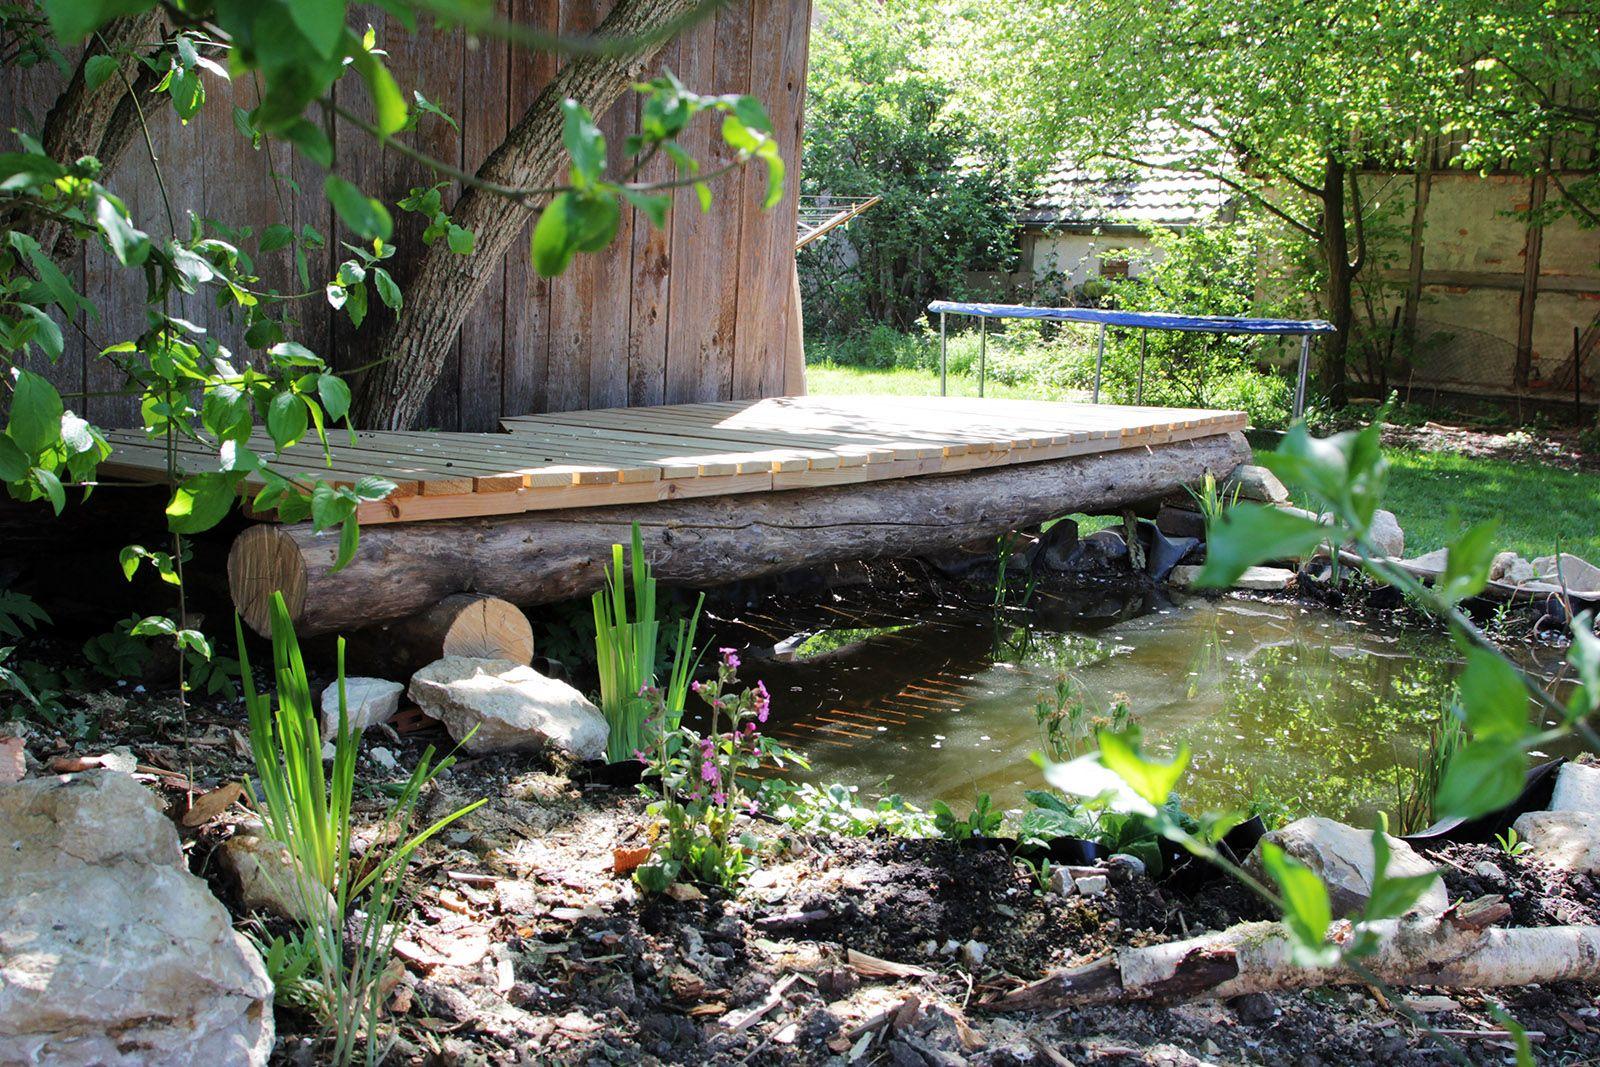 Neu angelegter Teich mit Teichrandgesellschaft IMG_5799.JPG